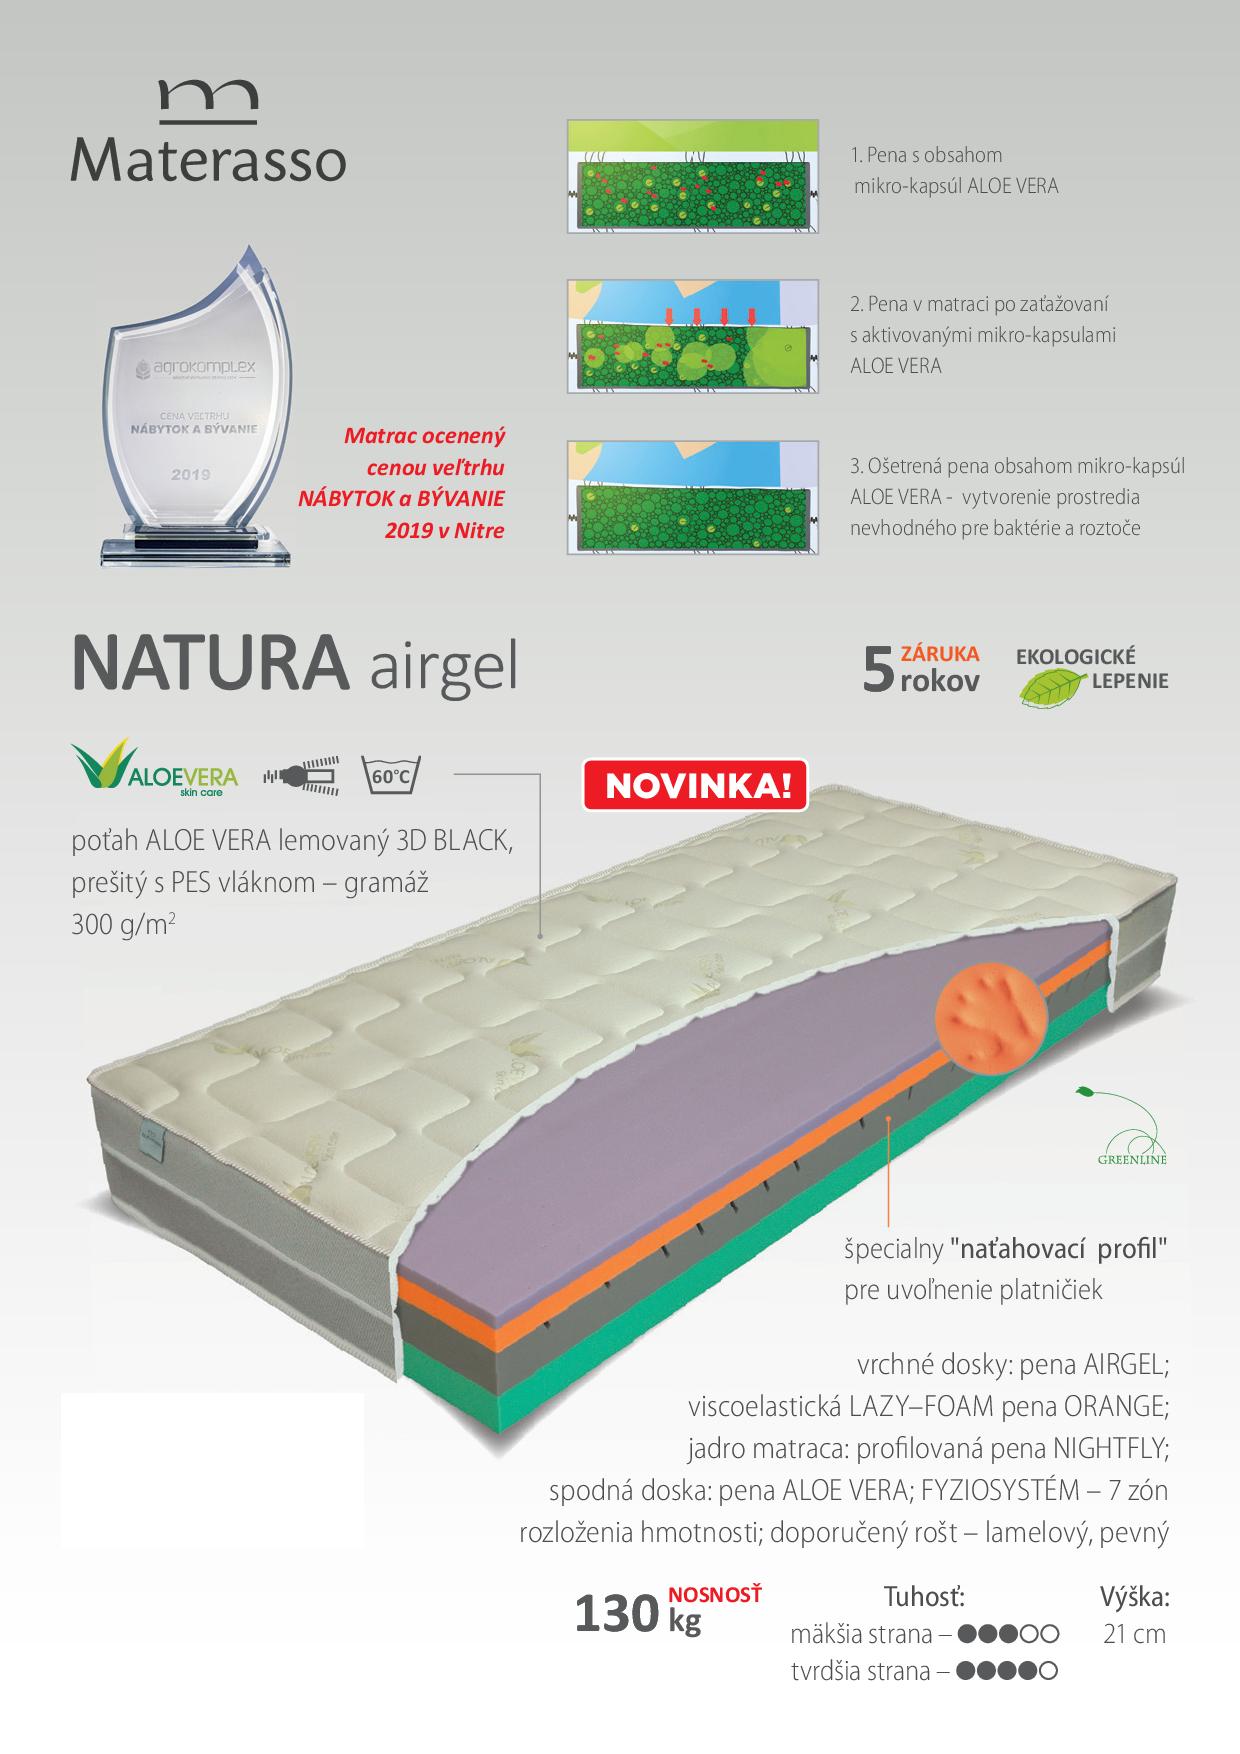 Natura airgell